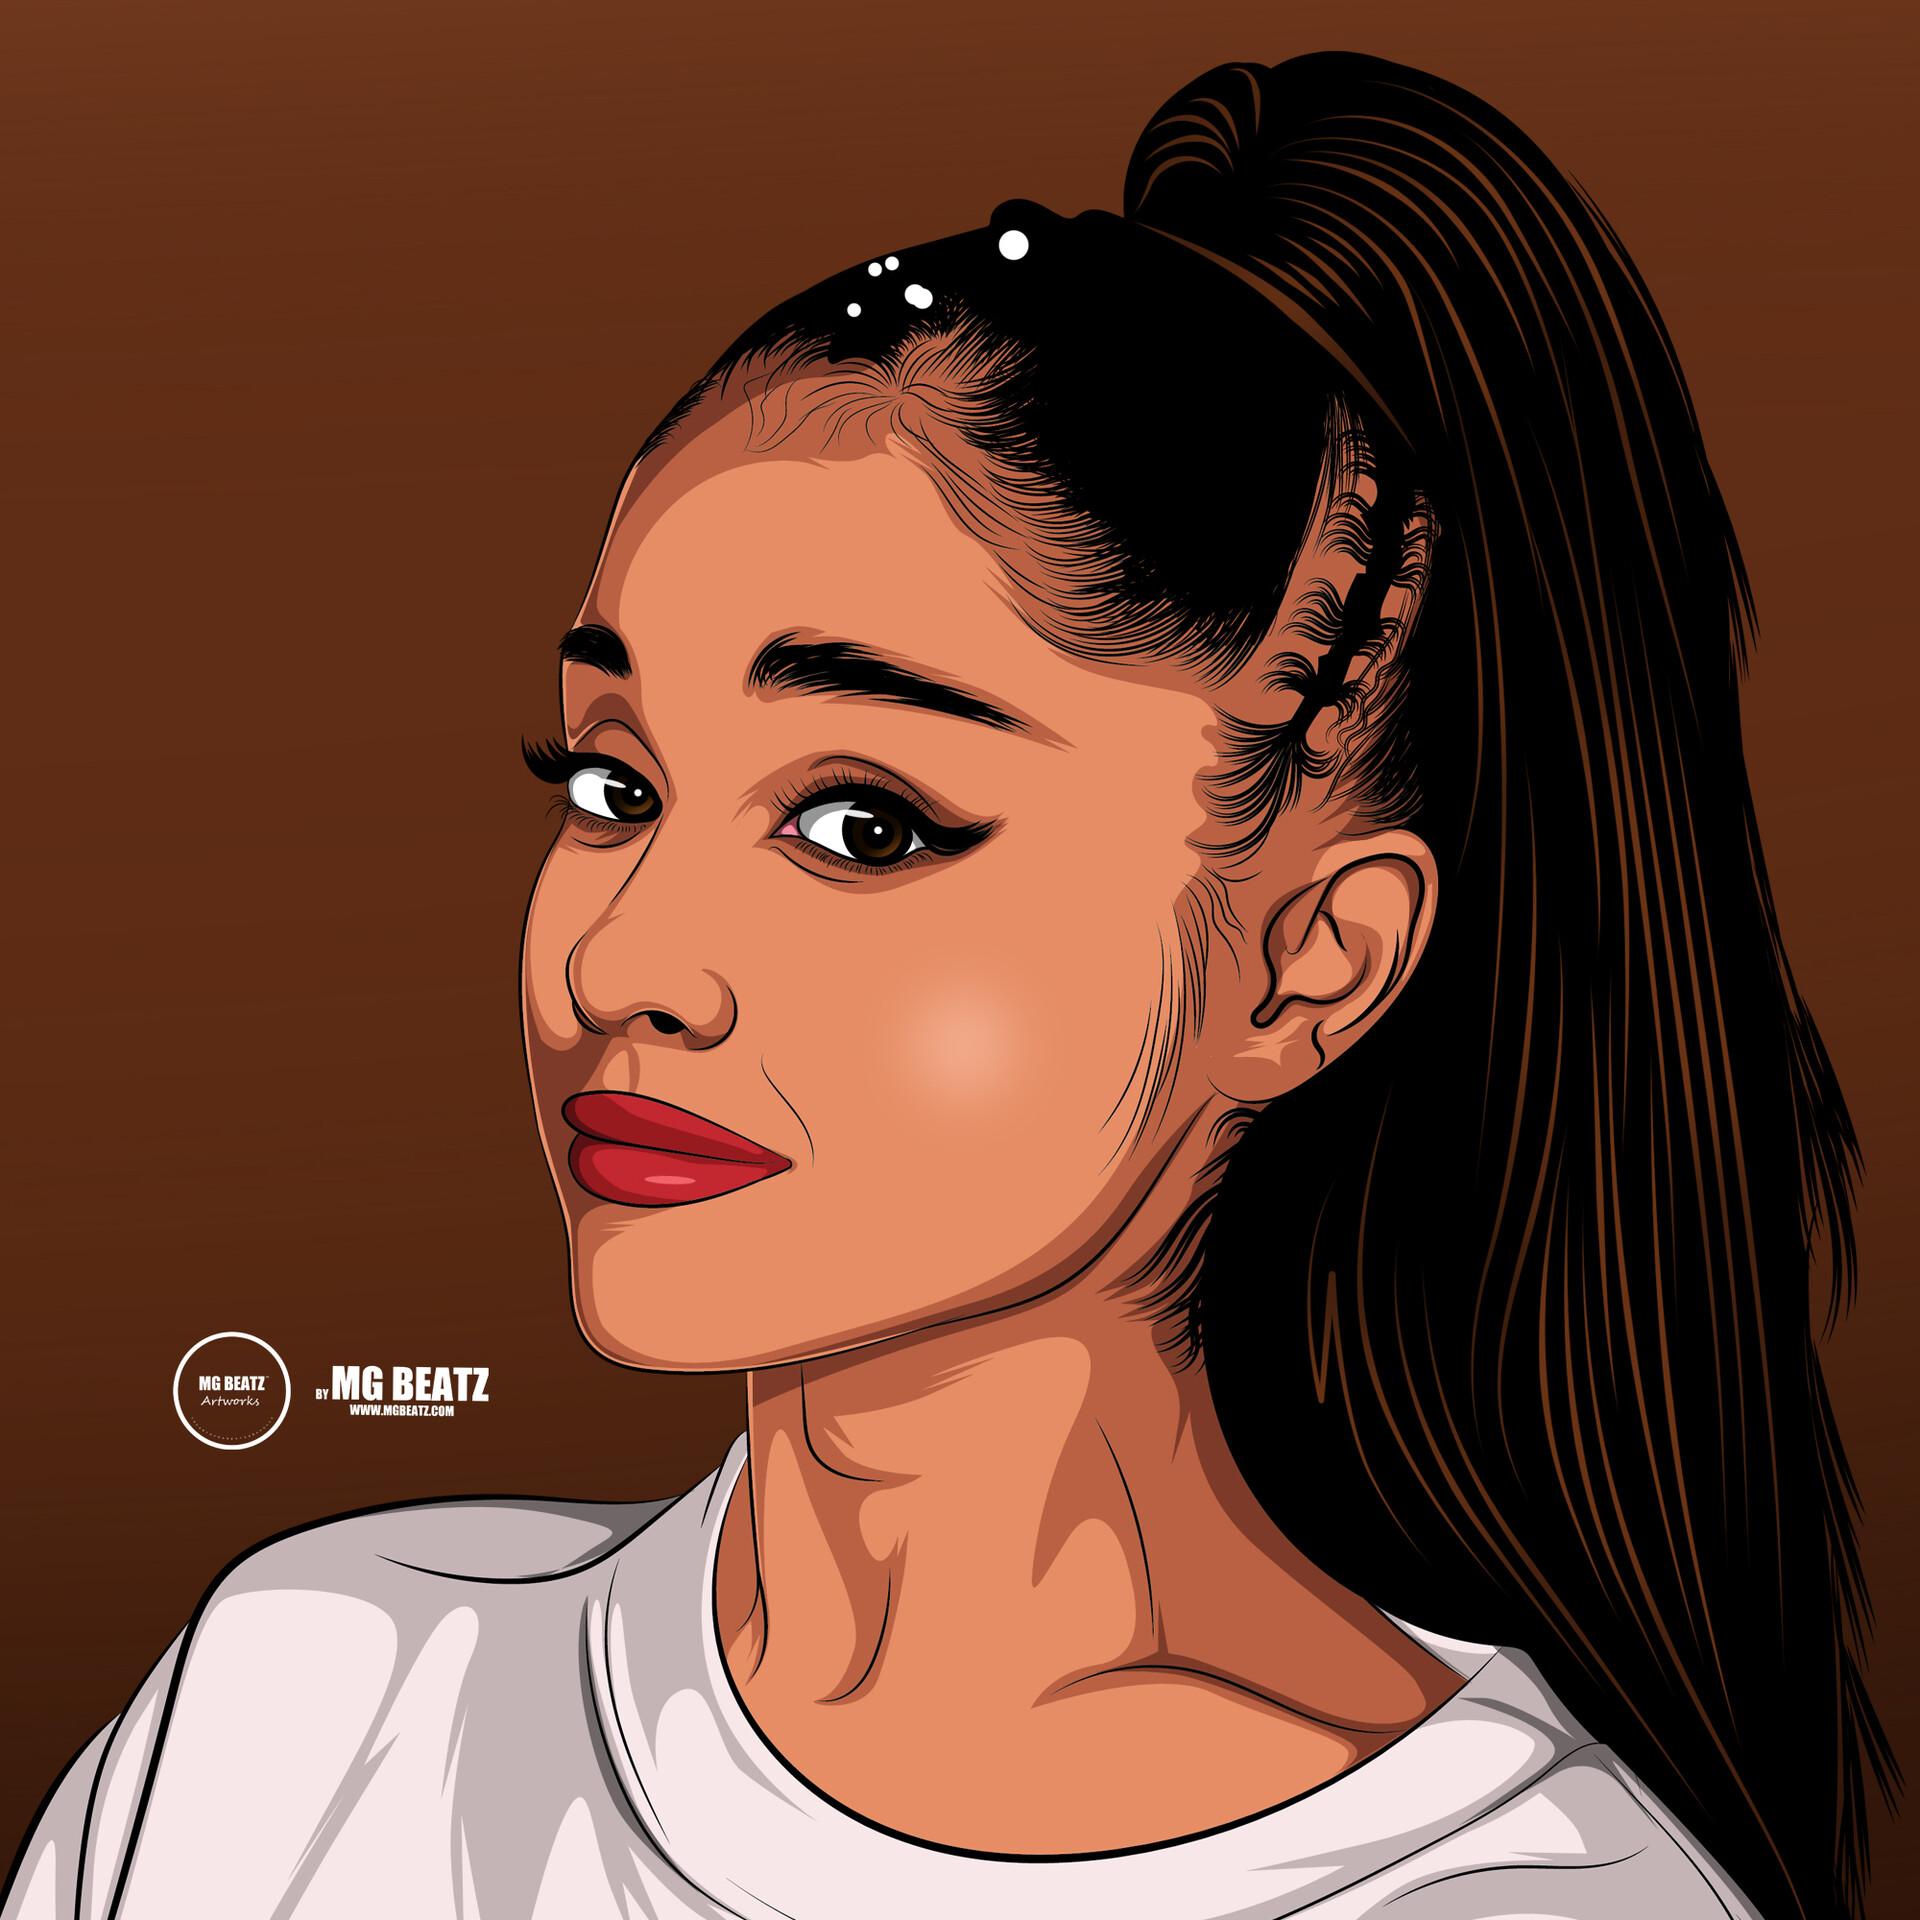 Artstation Ariana Grande Cartoon By Muthaphuli Sydney Sydney Mg Beatz Muthaphuli